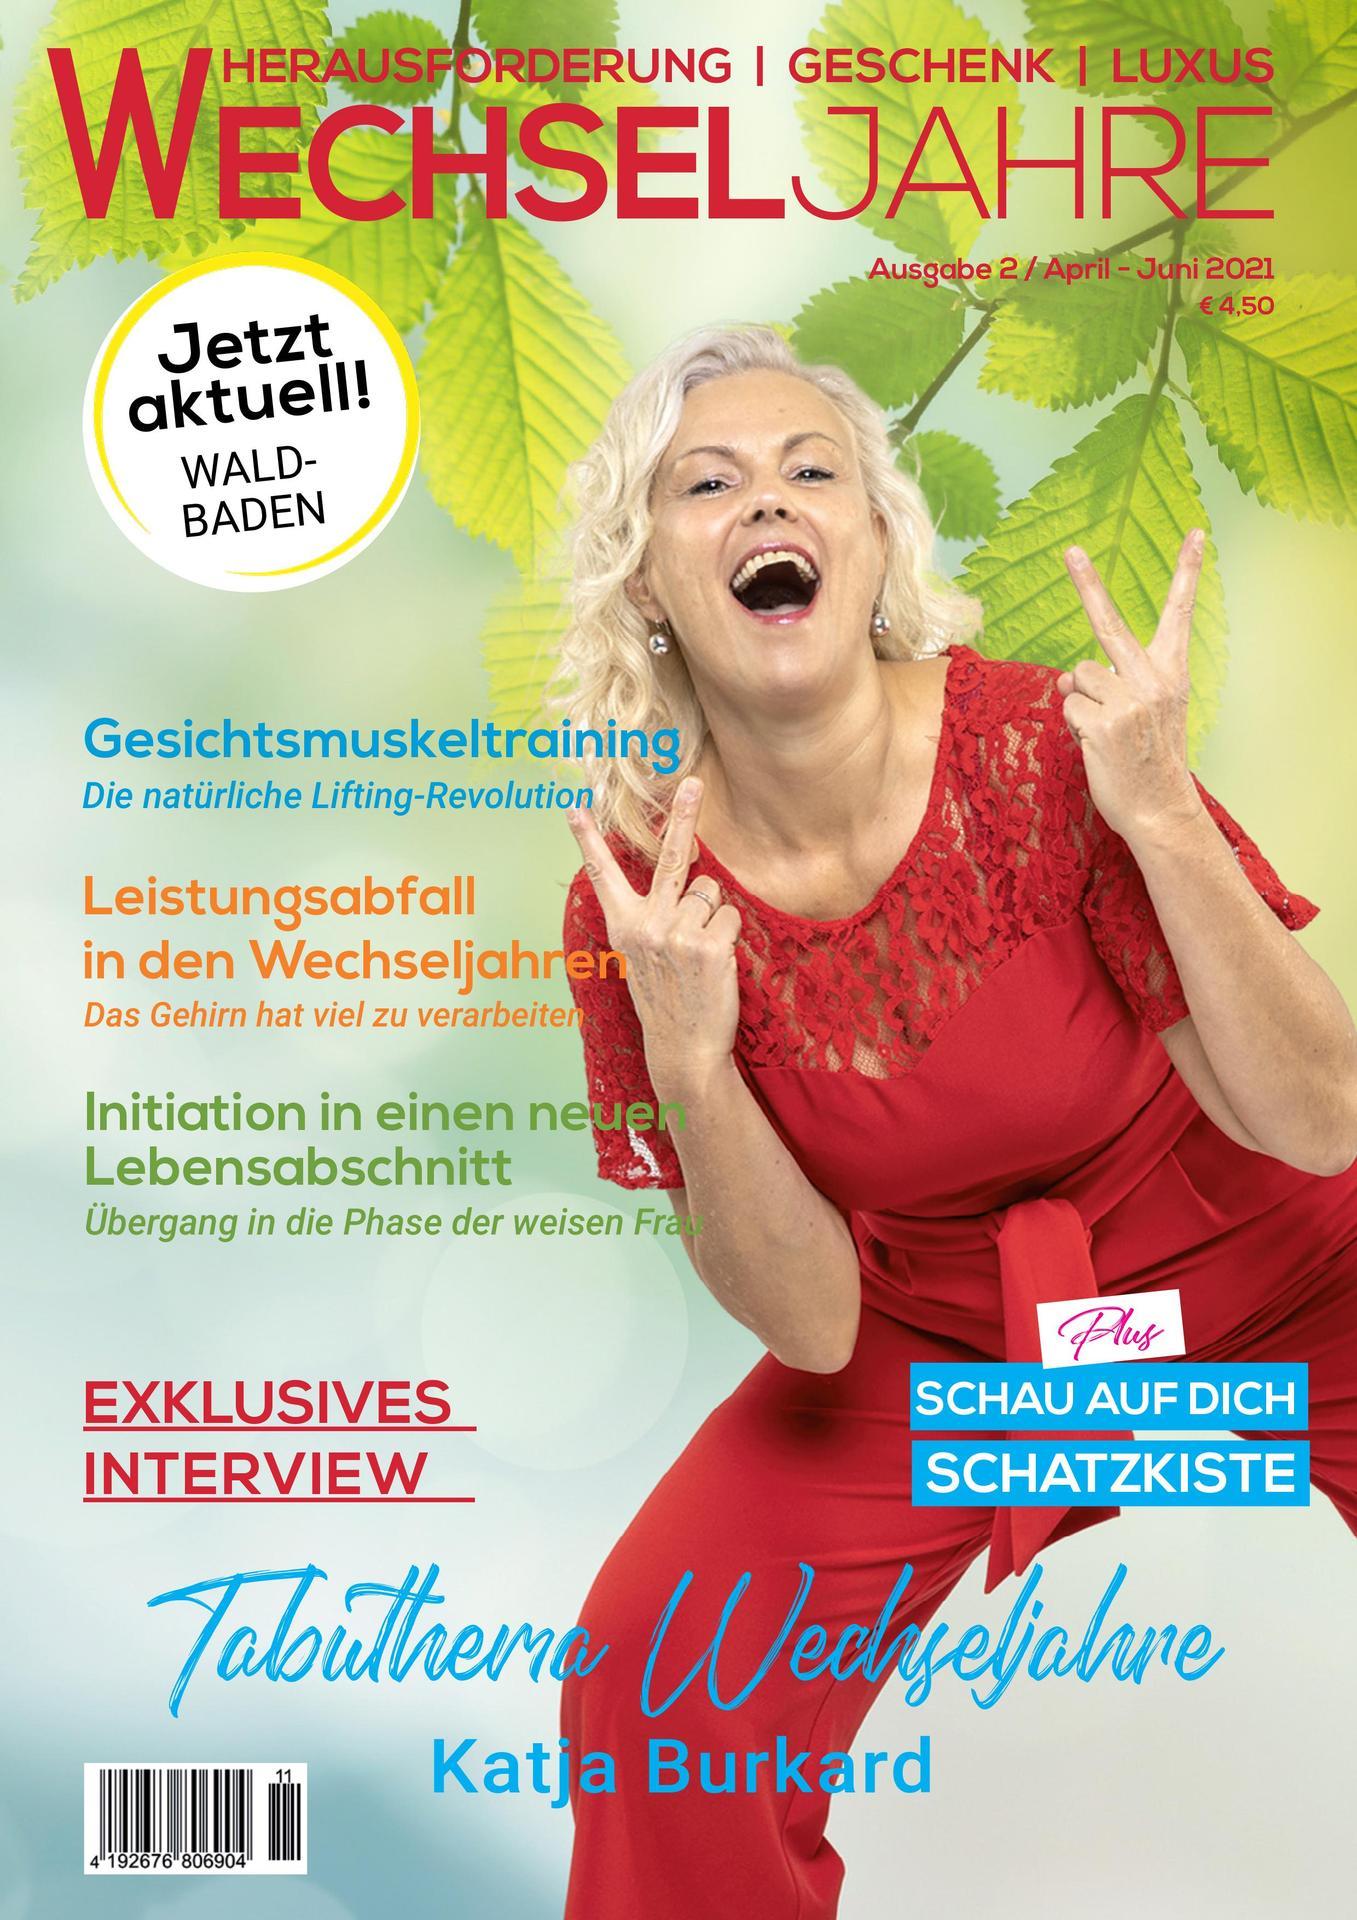 Magazin Wechseljahre 2/2021